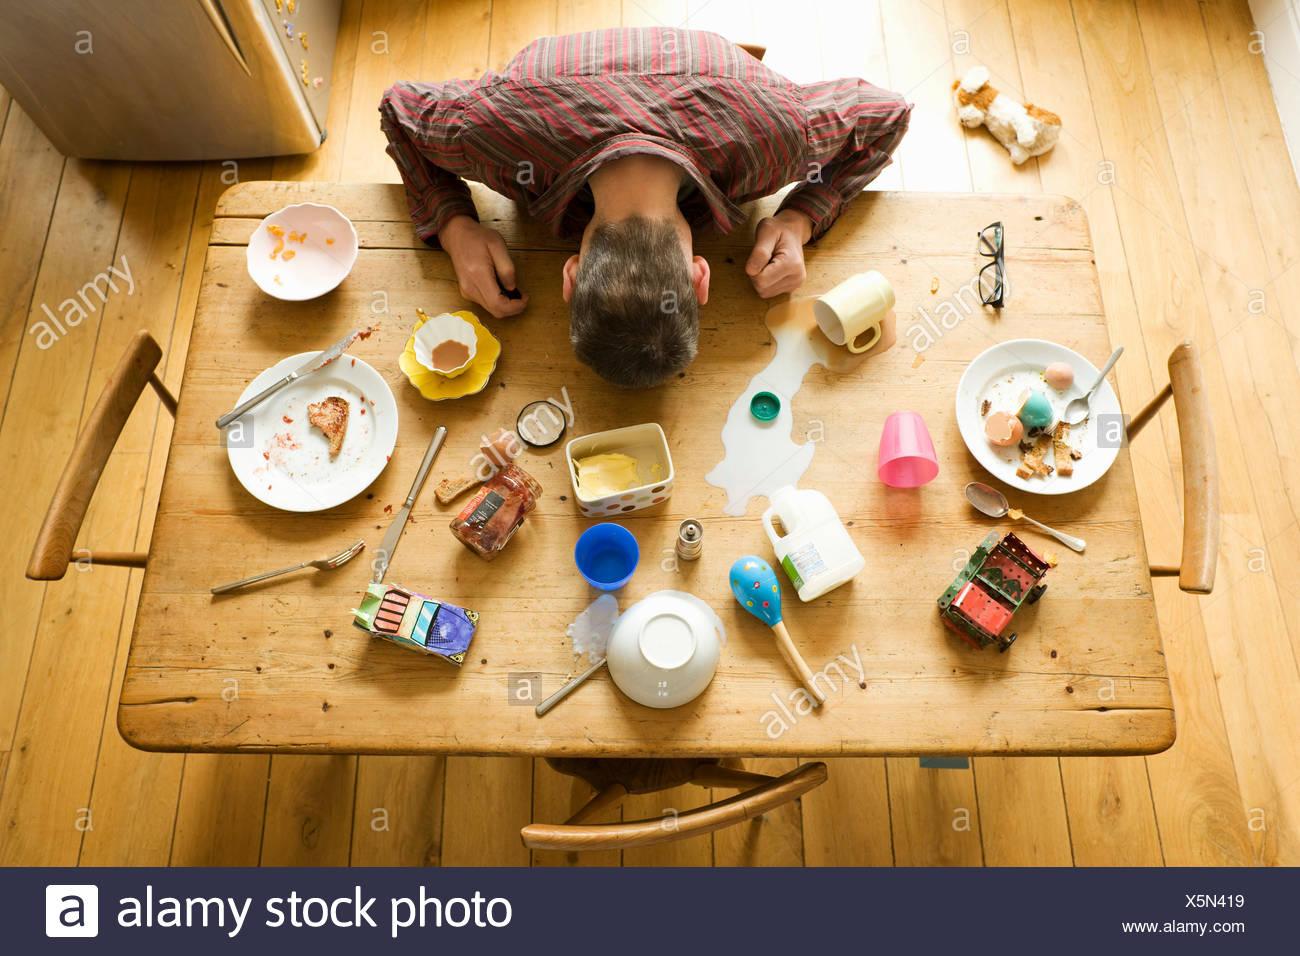 Vue de dessus de table de petit-déjeuner avec homme mûr entre les plaques en désordre Photo Stock